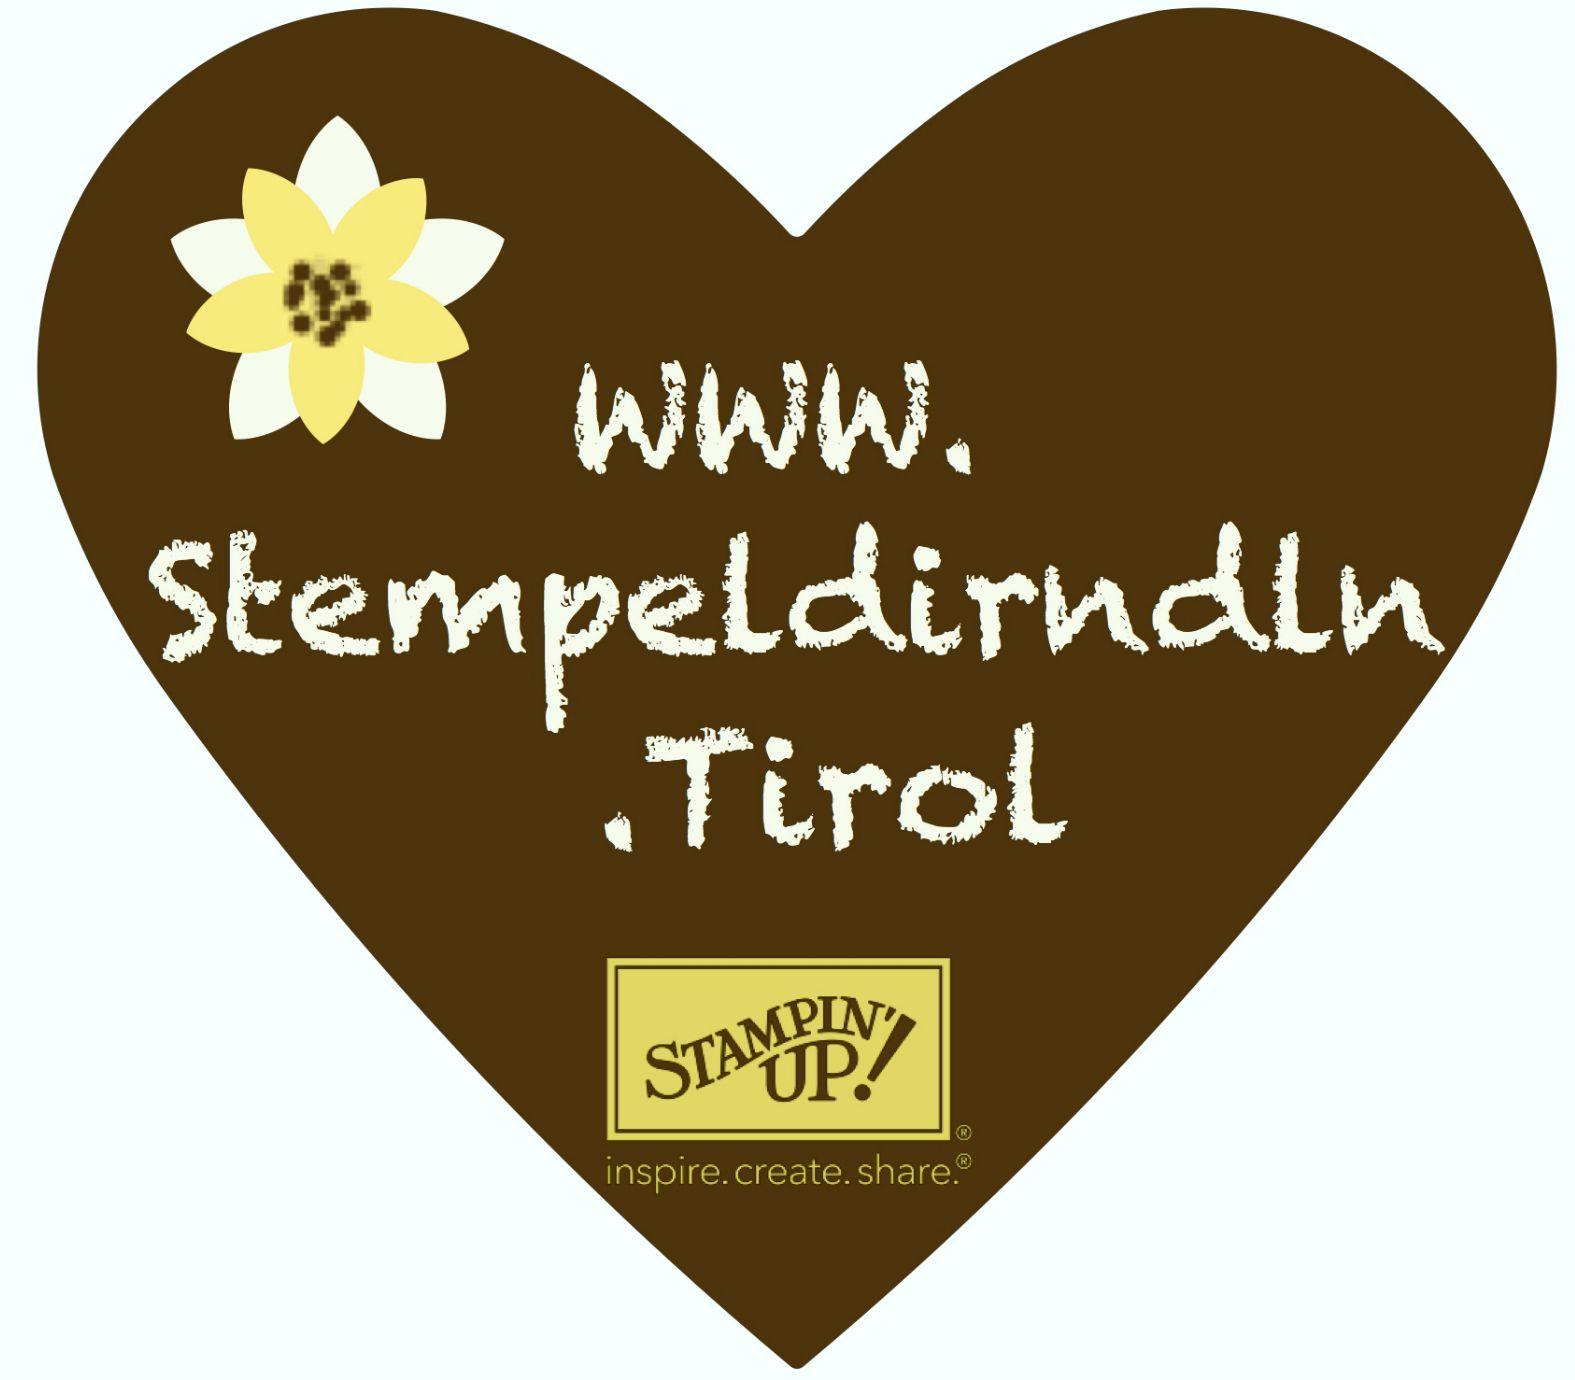 Team Stempeldirndln